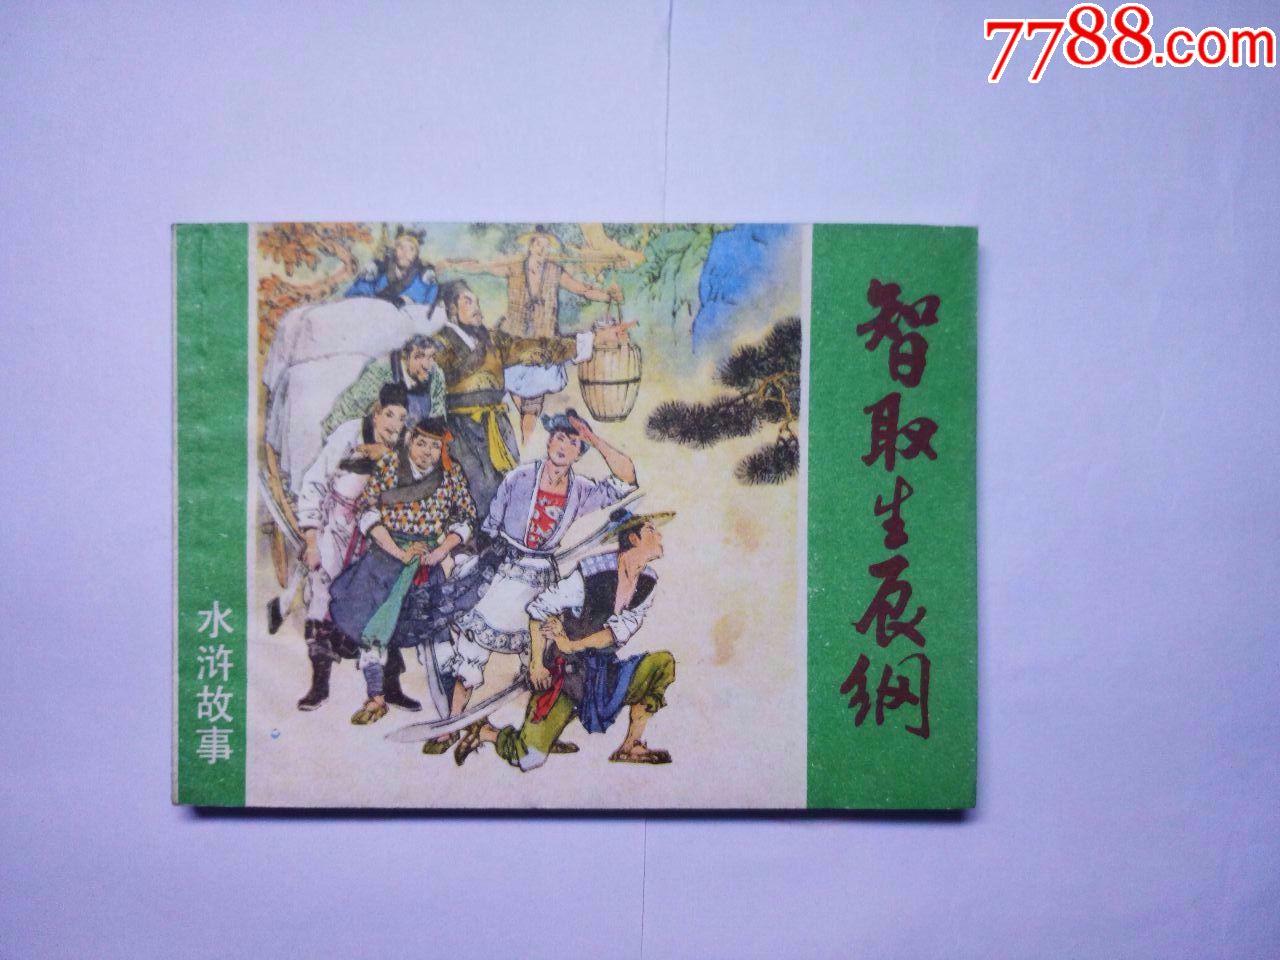 水浒传的故事名称_智取生辰纲(水浒故事)